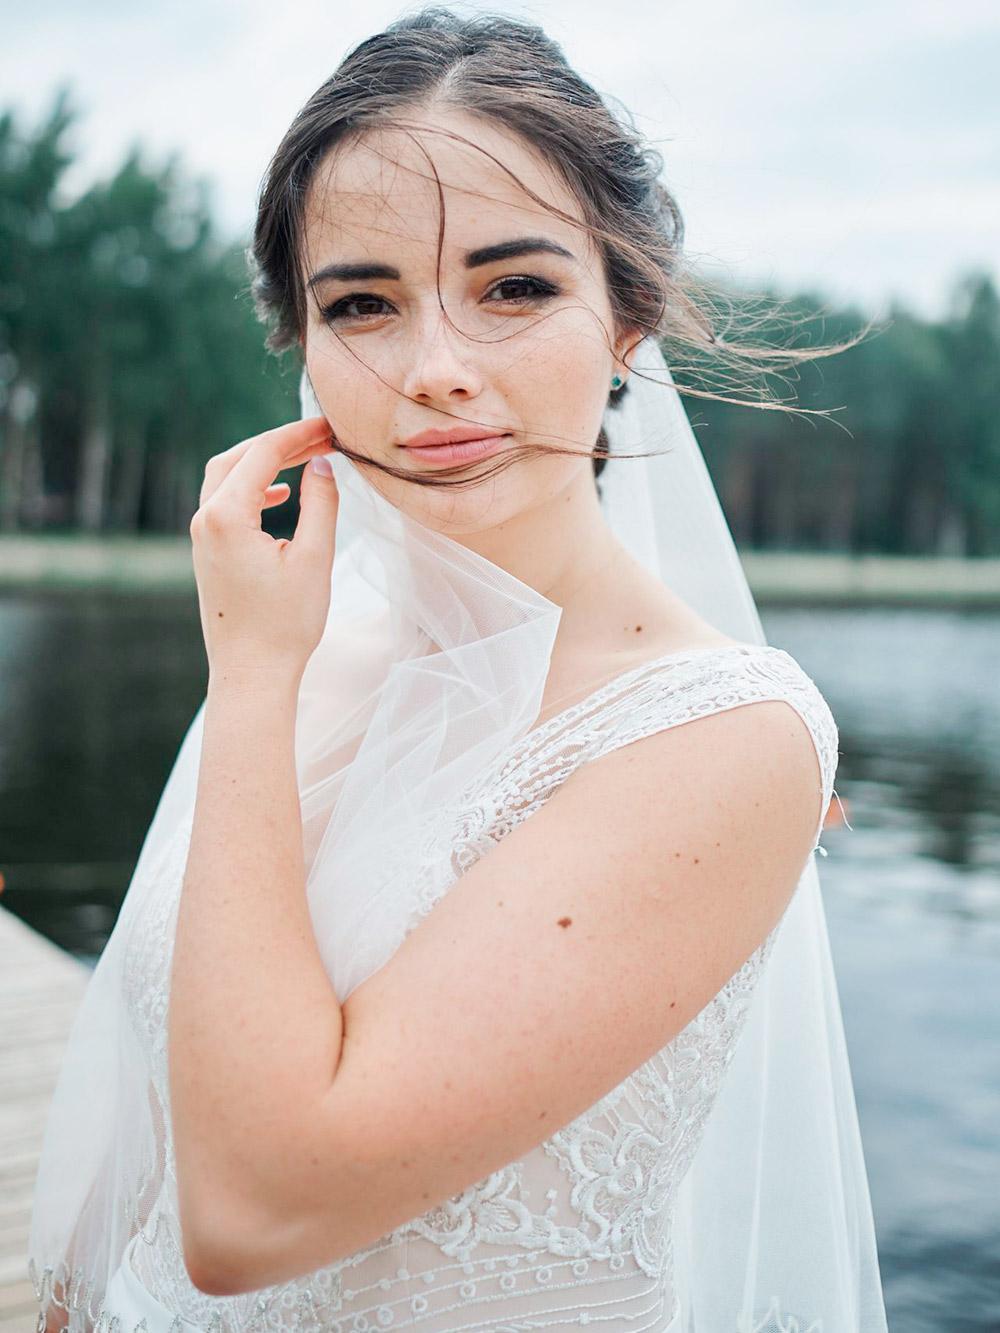 У подруги на свадьбе я была и гостем, и визажистом. Образ невесты был моим подарком. Но не все друзья приглашали меня делать свадебный макияж: некоторые звали только в качестве гостя